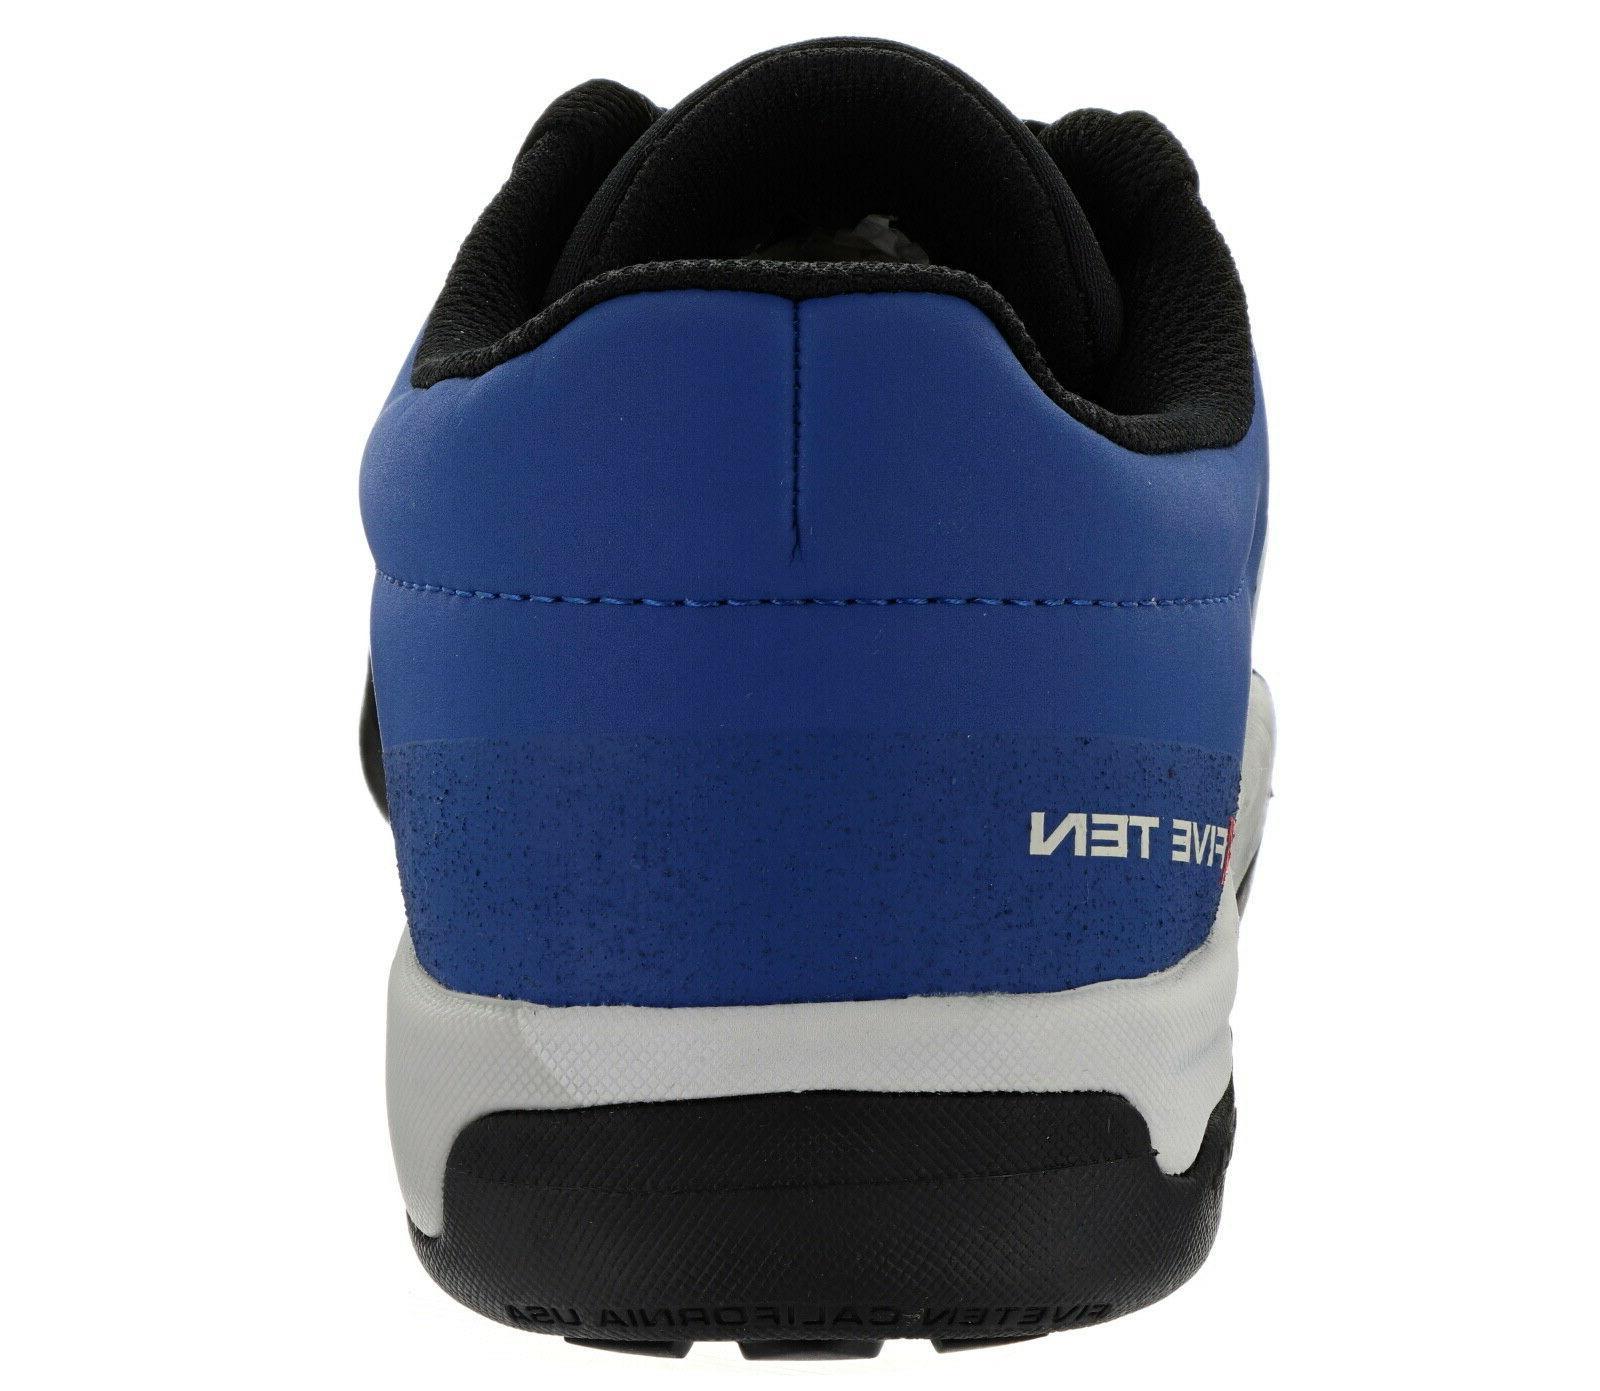 Five Ten By Adidas Men's 9 Mountain Shoes